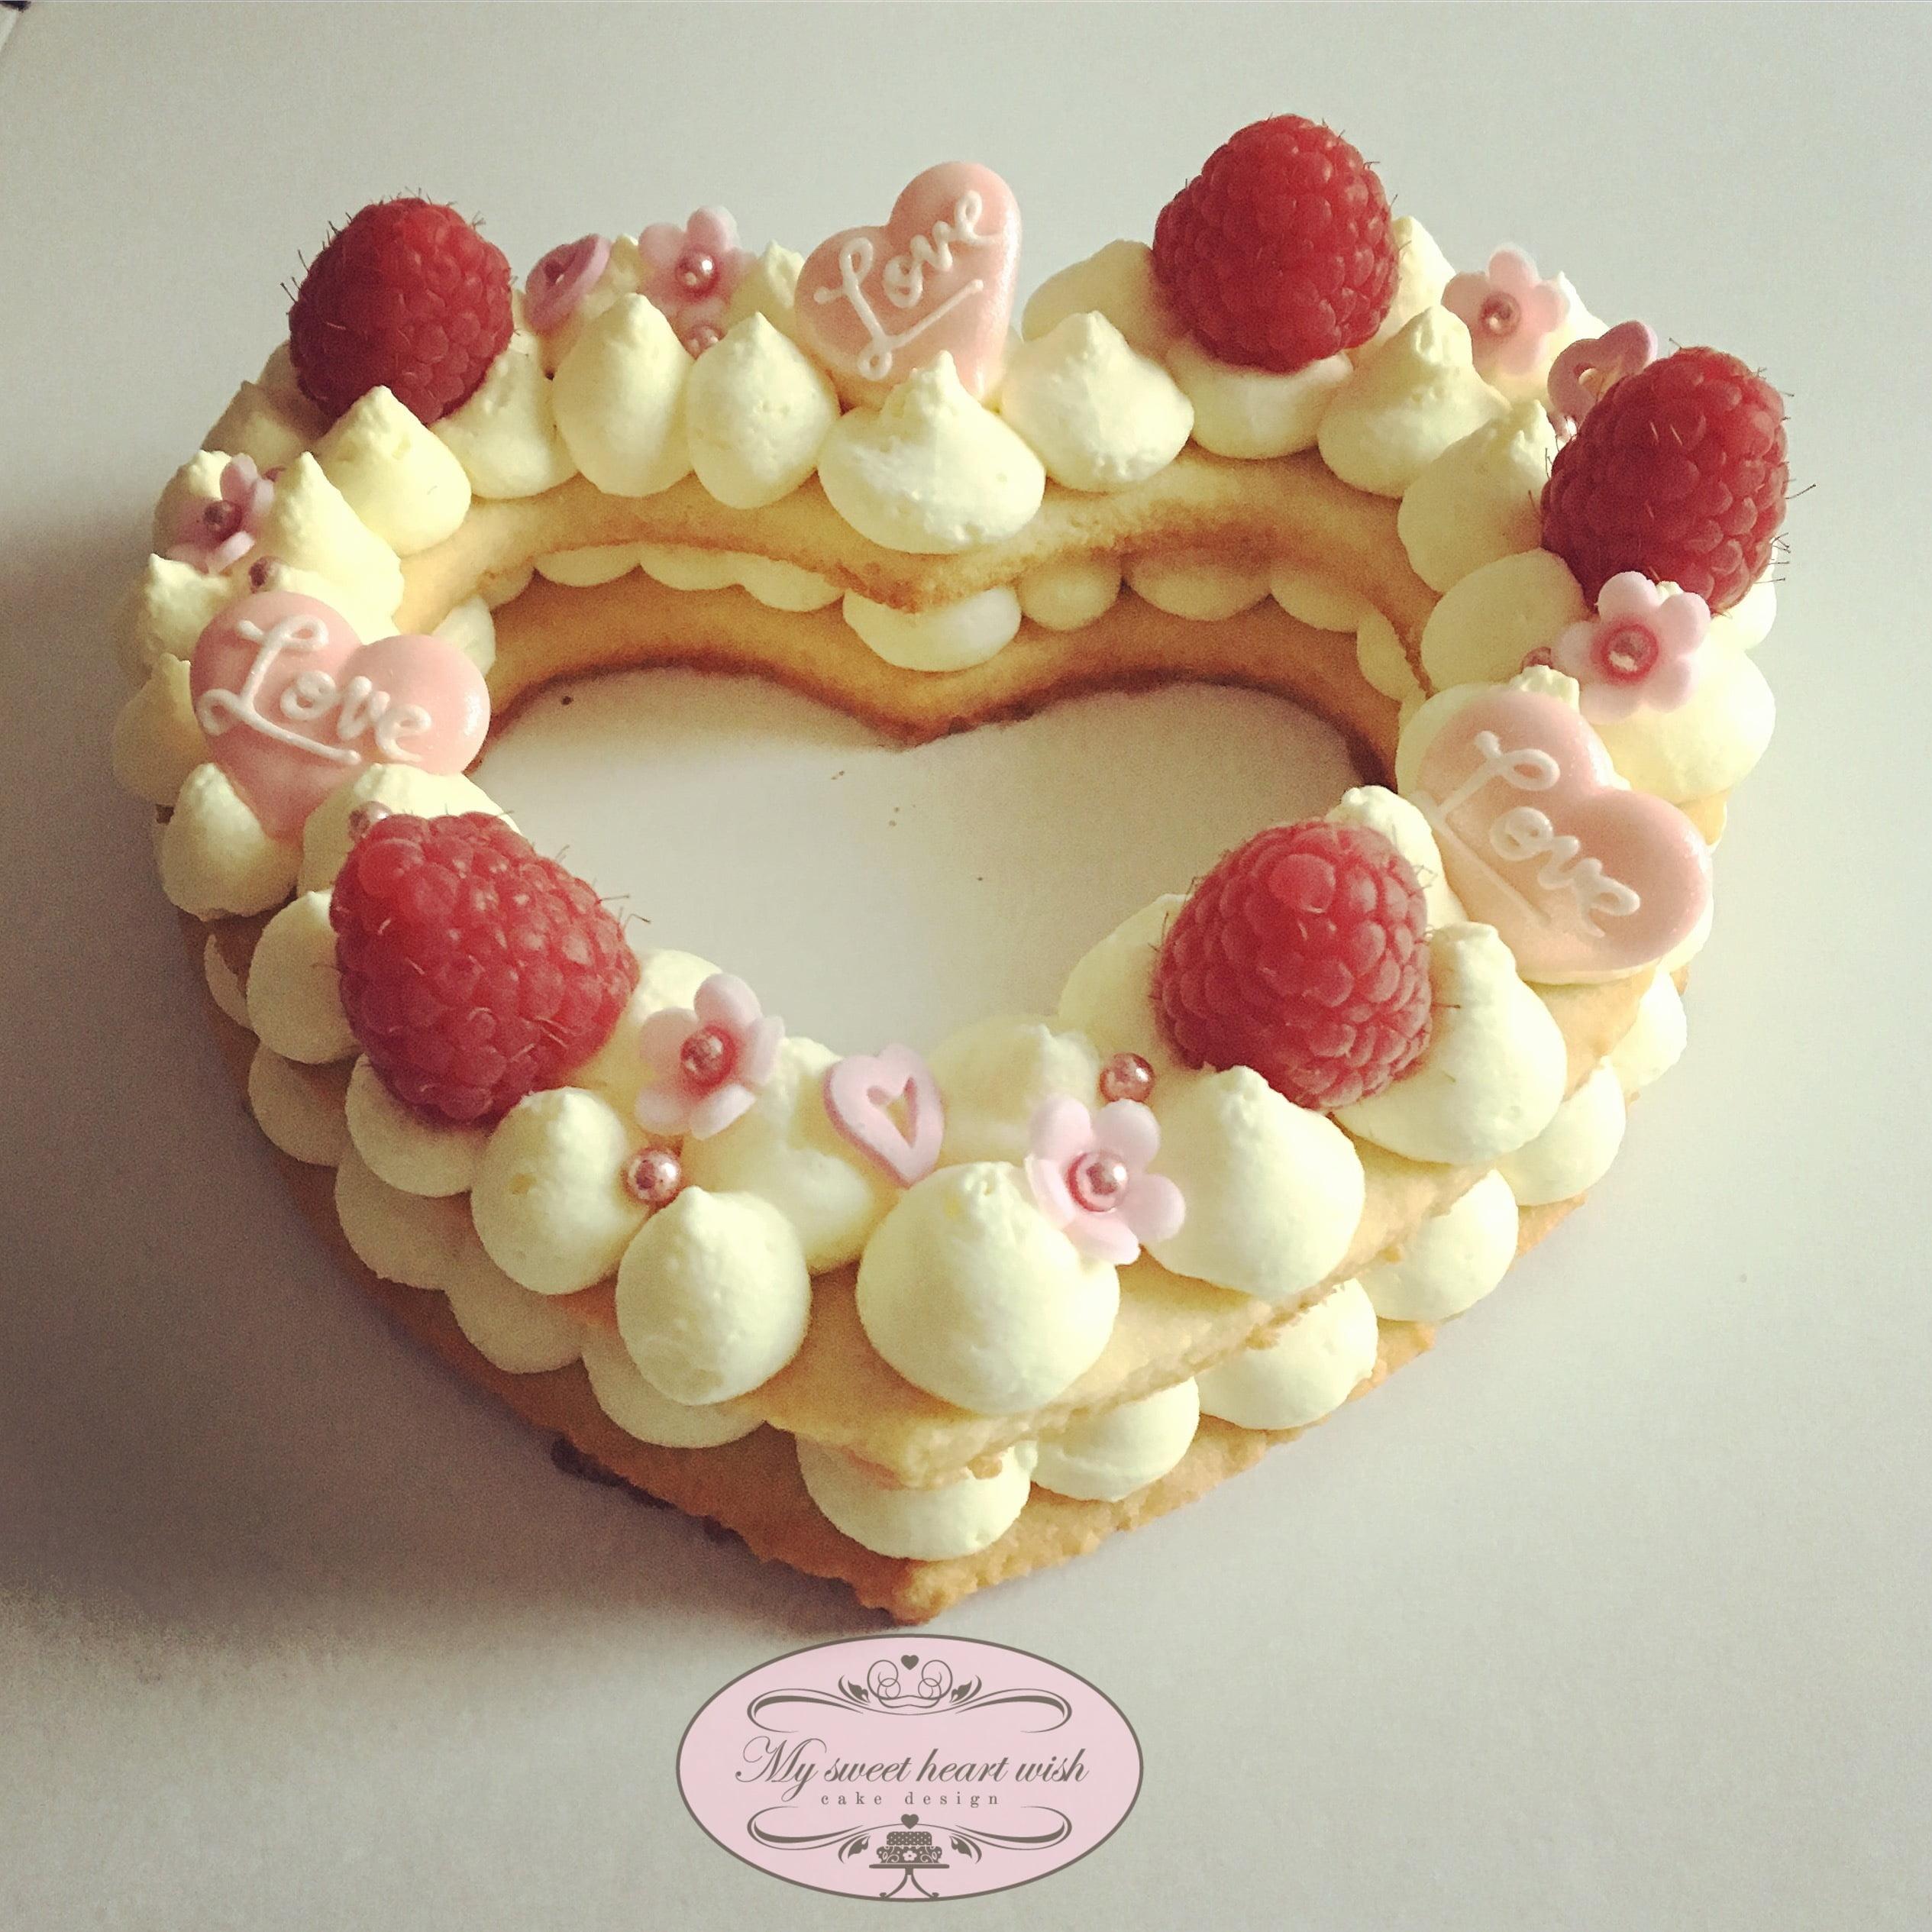 131 Cream Tart